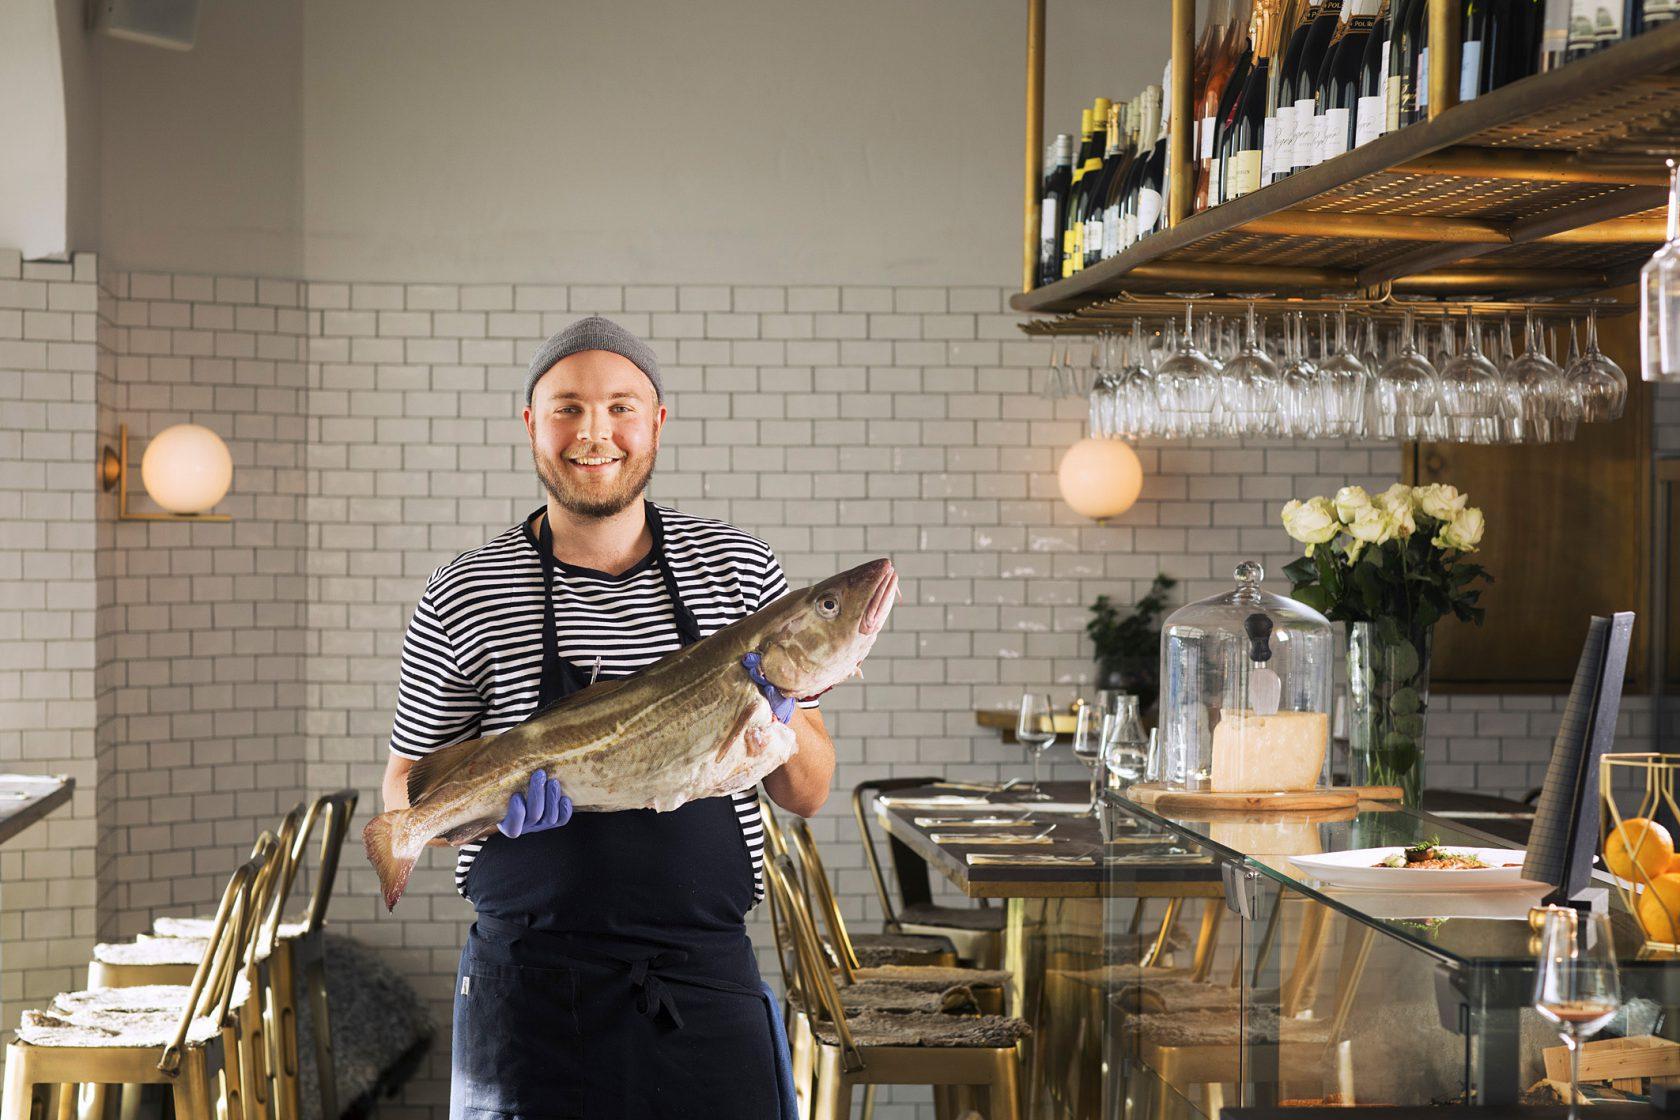 En glad man i personalen håller upp en stor fisk i restaurangen.